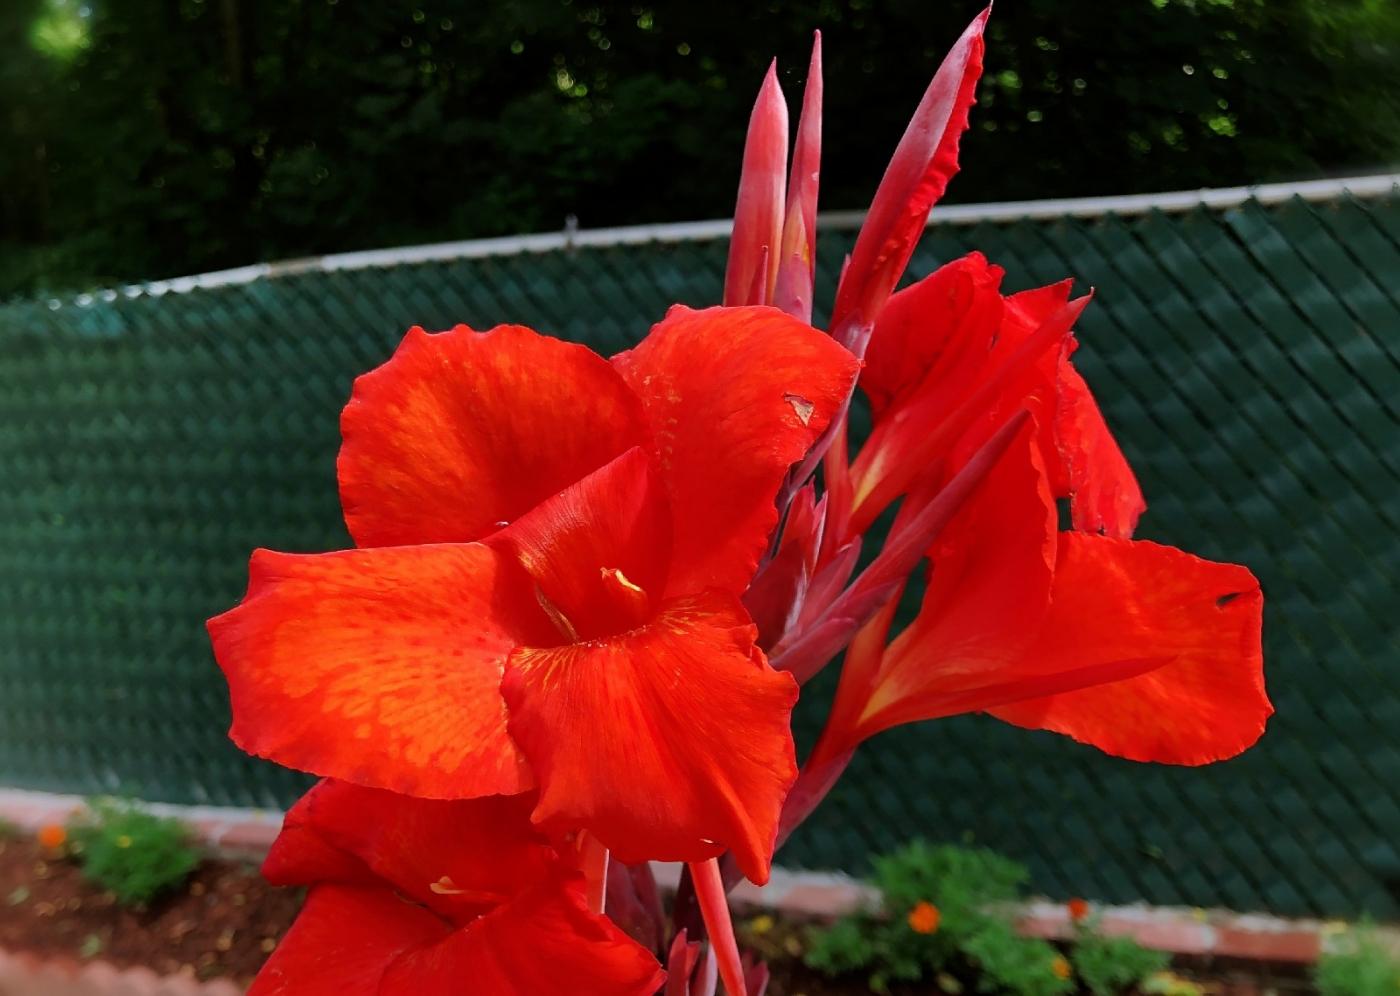 【田螺随拍】我今年种的蜂鸟喜欢吃的花都开了_图1-19